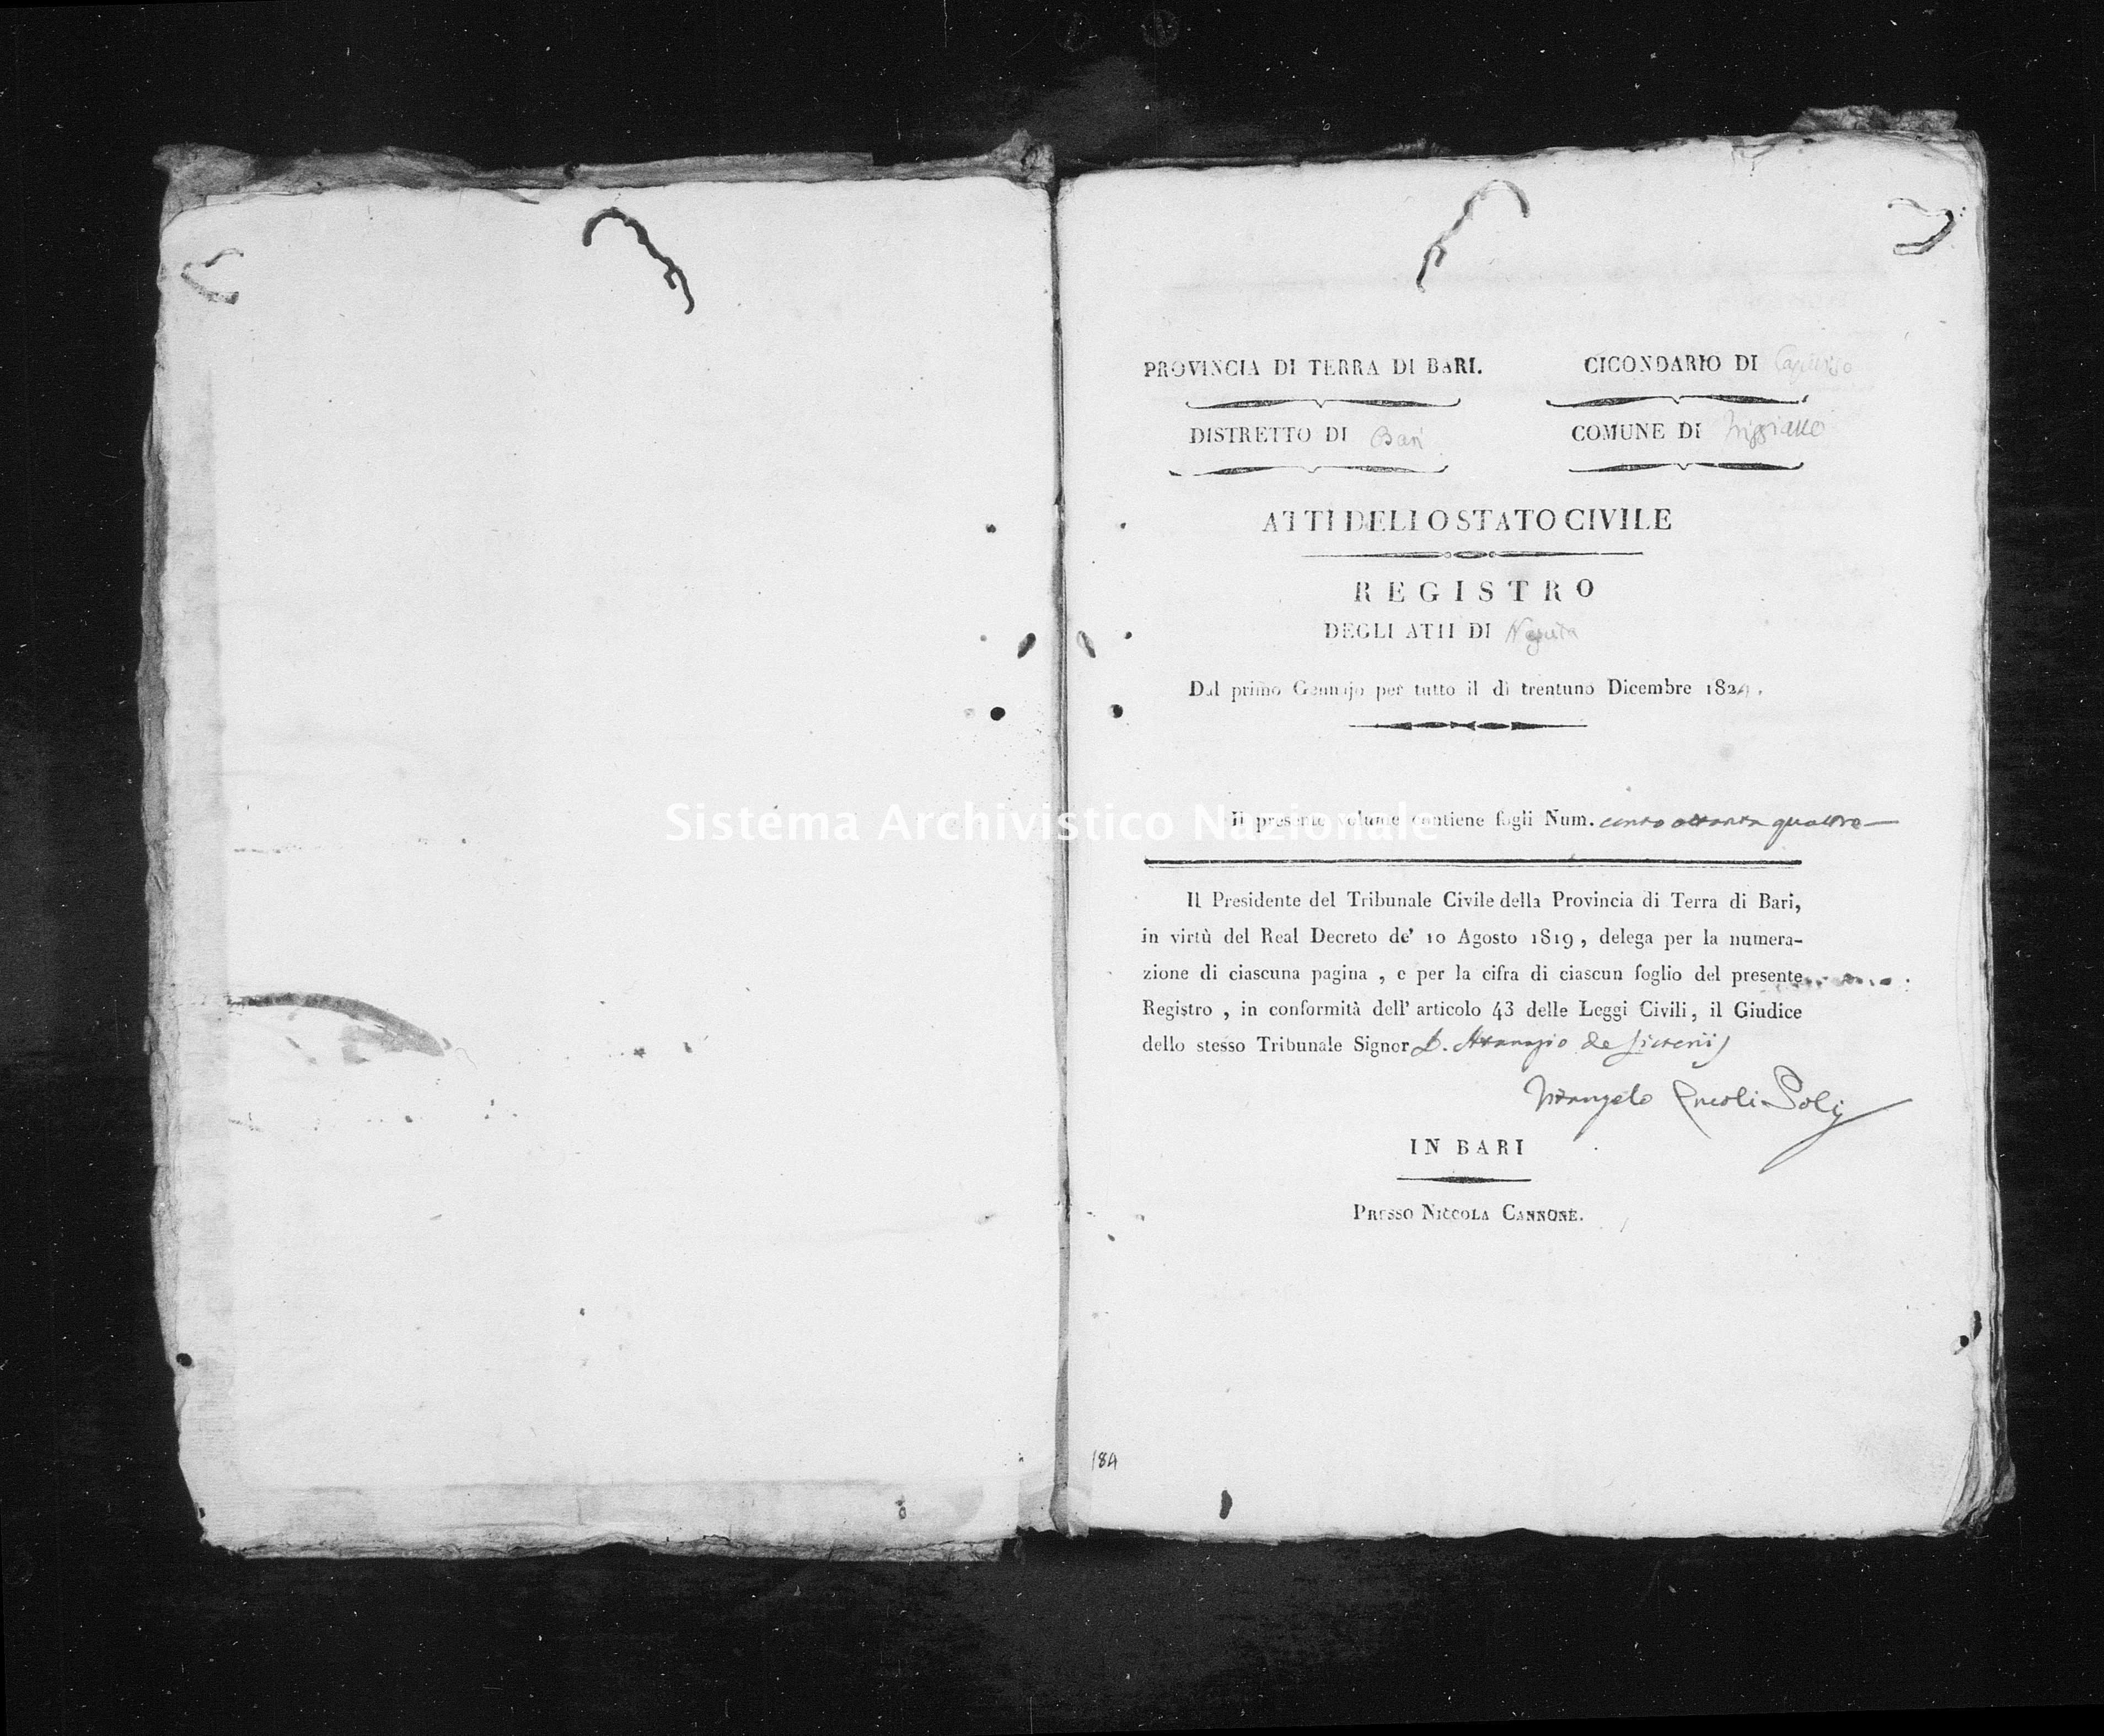 Archivio di stato di Bari - Stato civile della restaurazione - Triggiano - Nati - 1824 - Parte 2 -